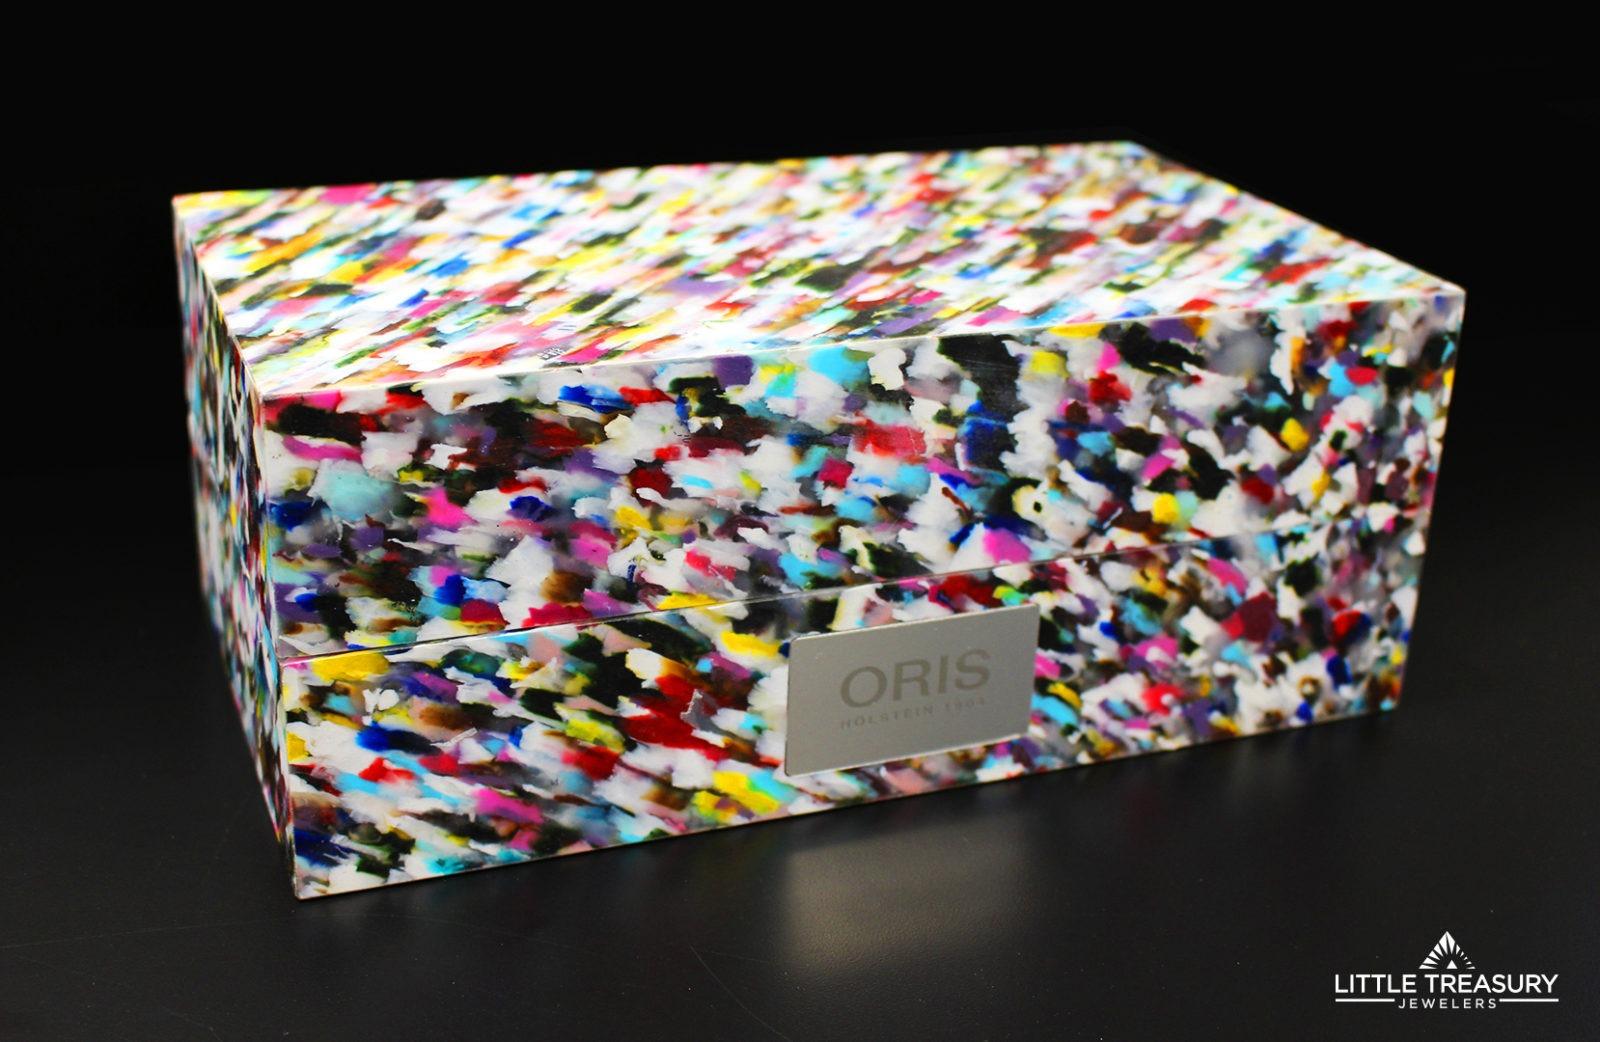 ORIS Trilogy Box